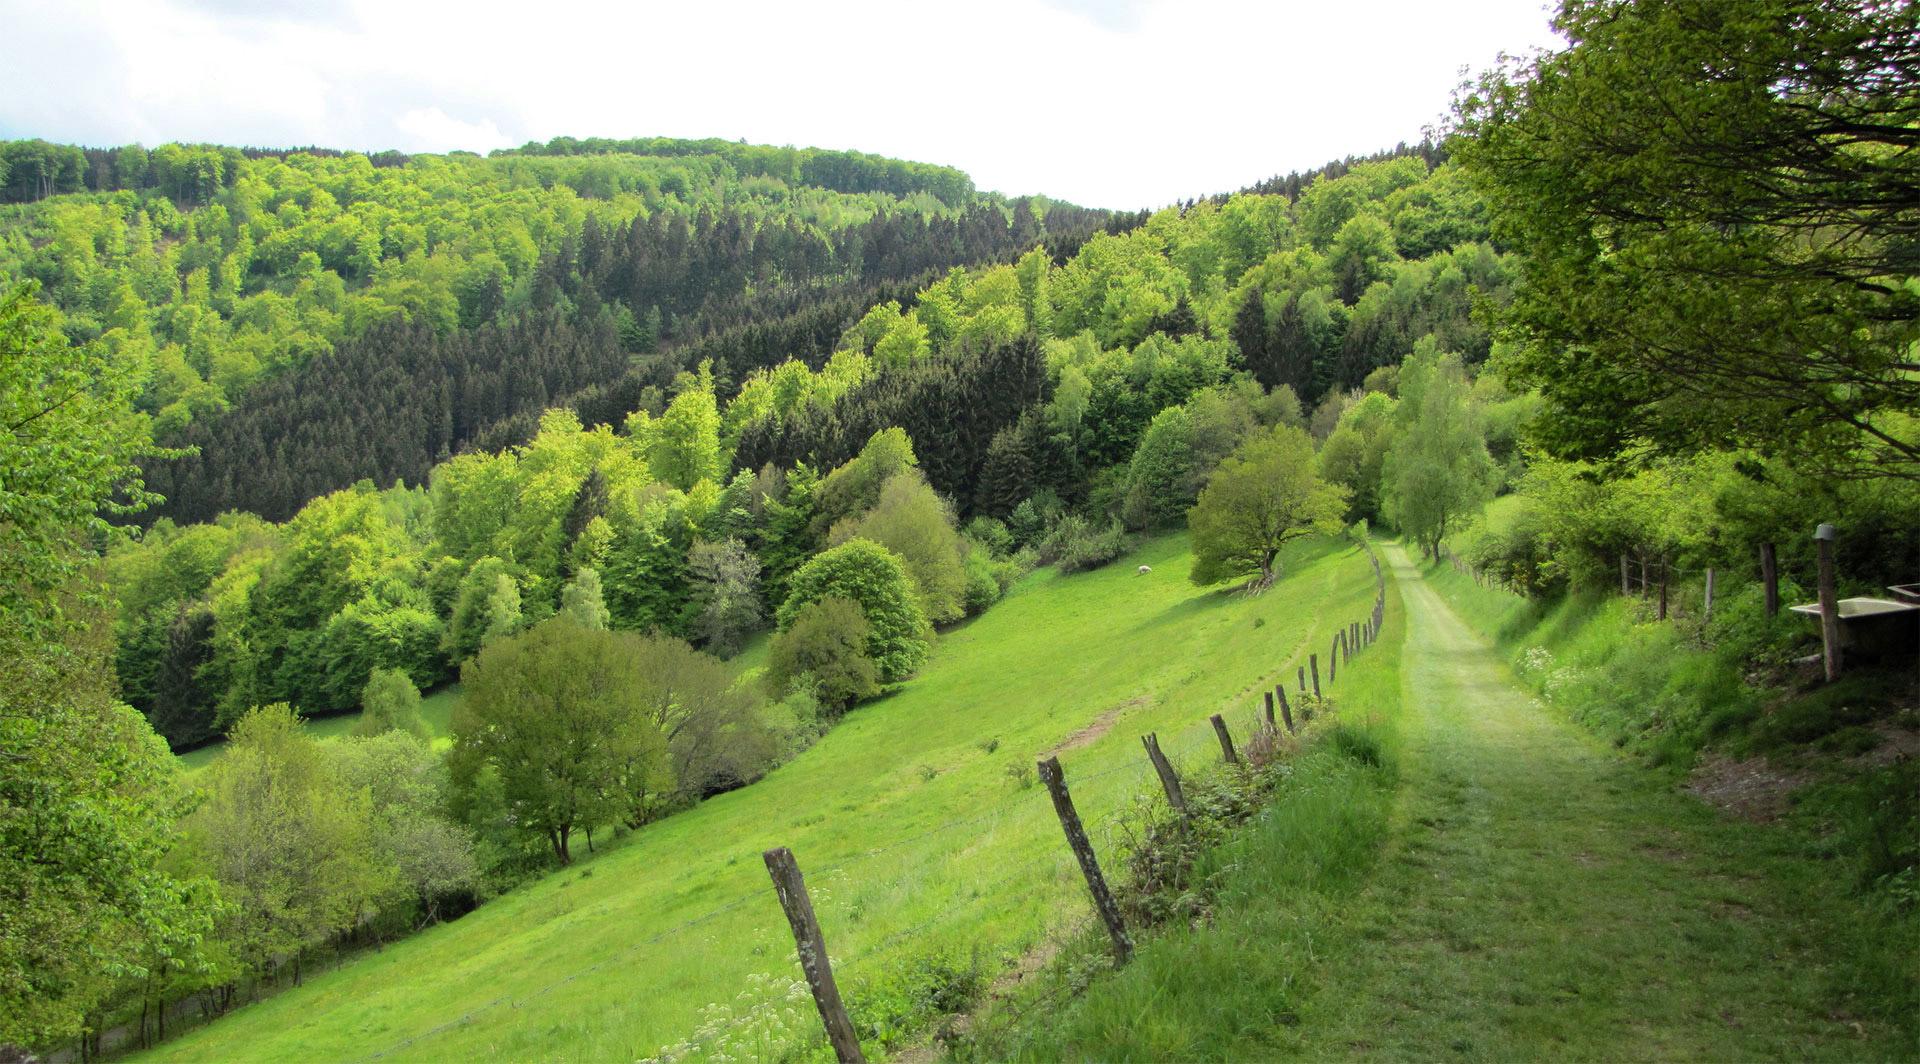 Klettersteig Ardennen : Ardennen camping bertrix aktivitäten bestcamp